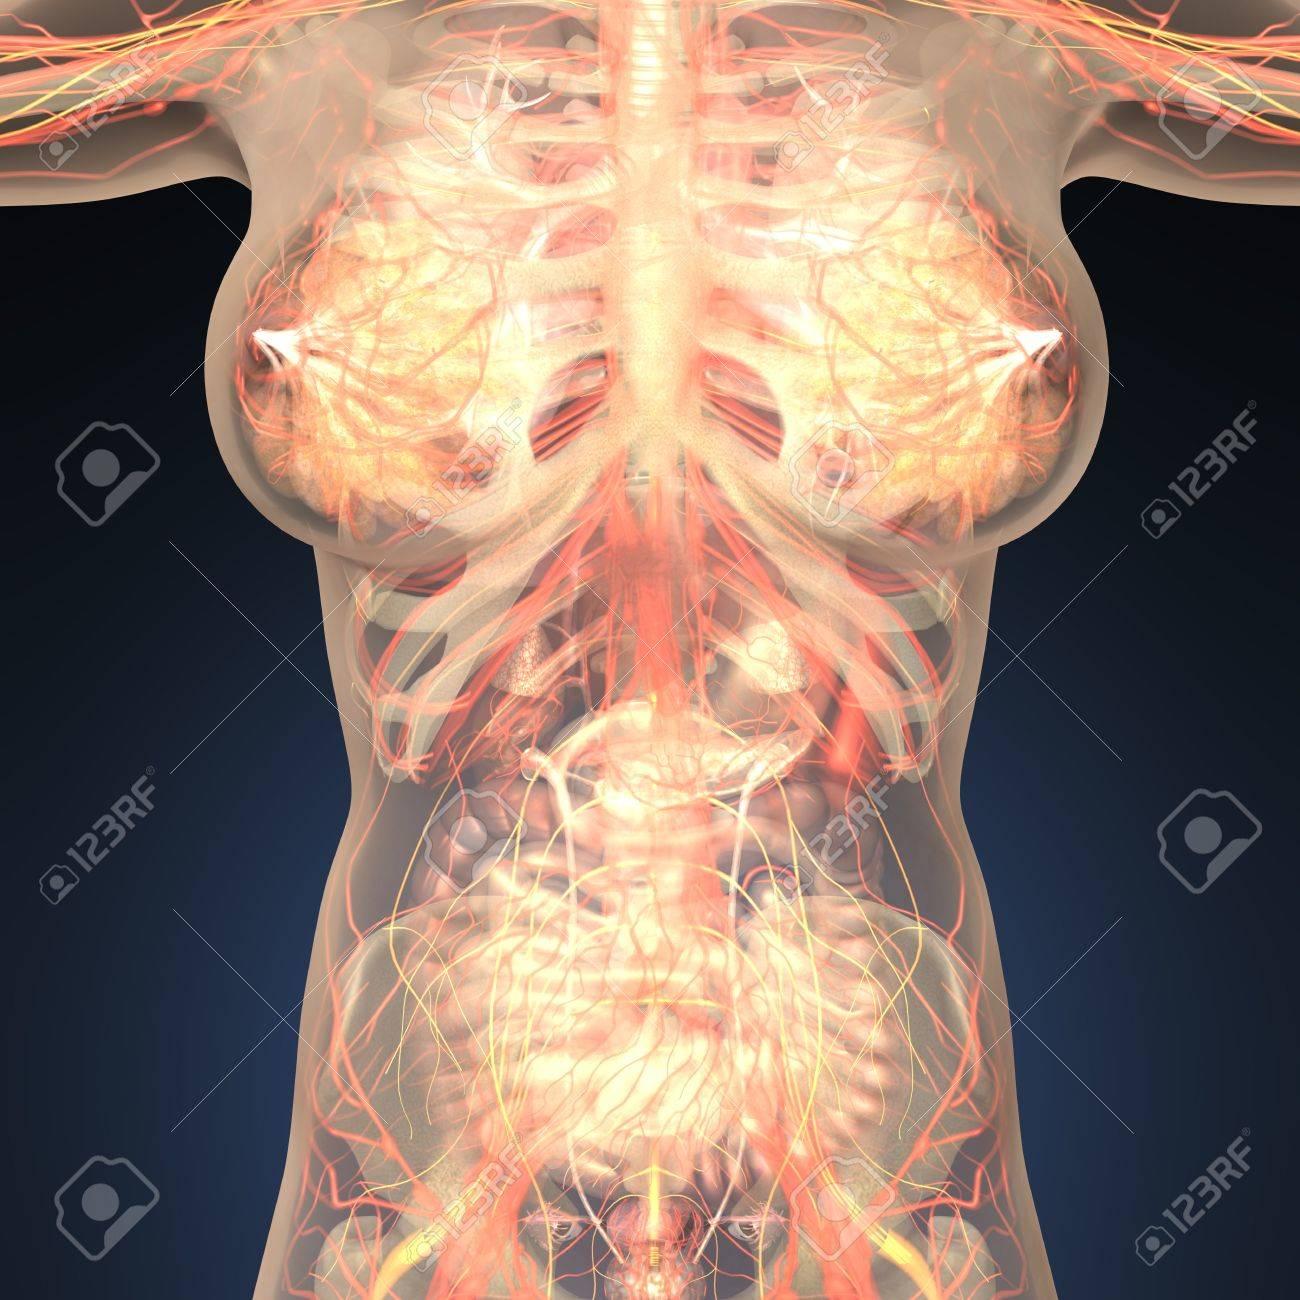 Anatomie Der Menschlichen Organe Mit Knochen In Transparenten Körper ...